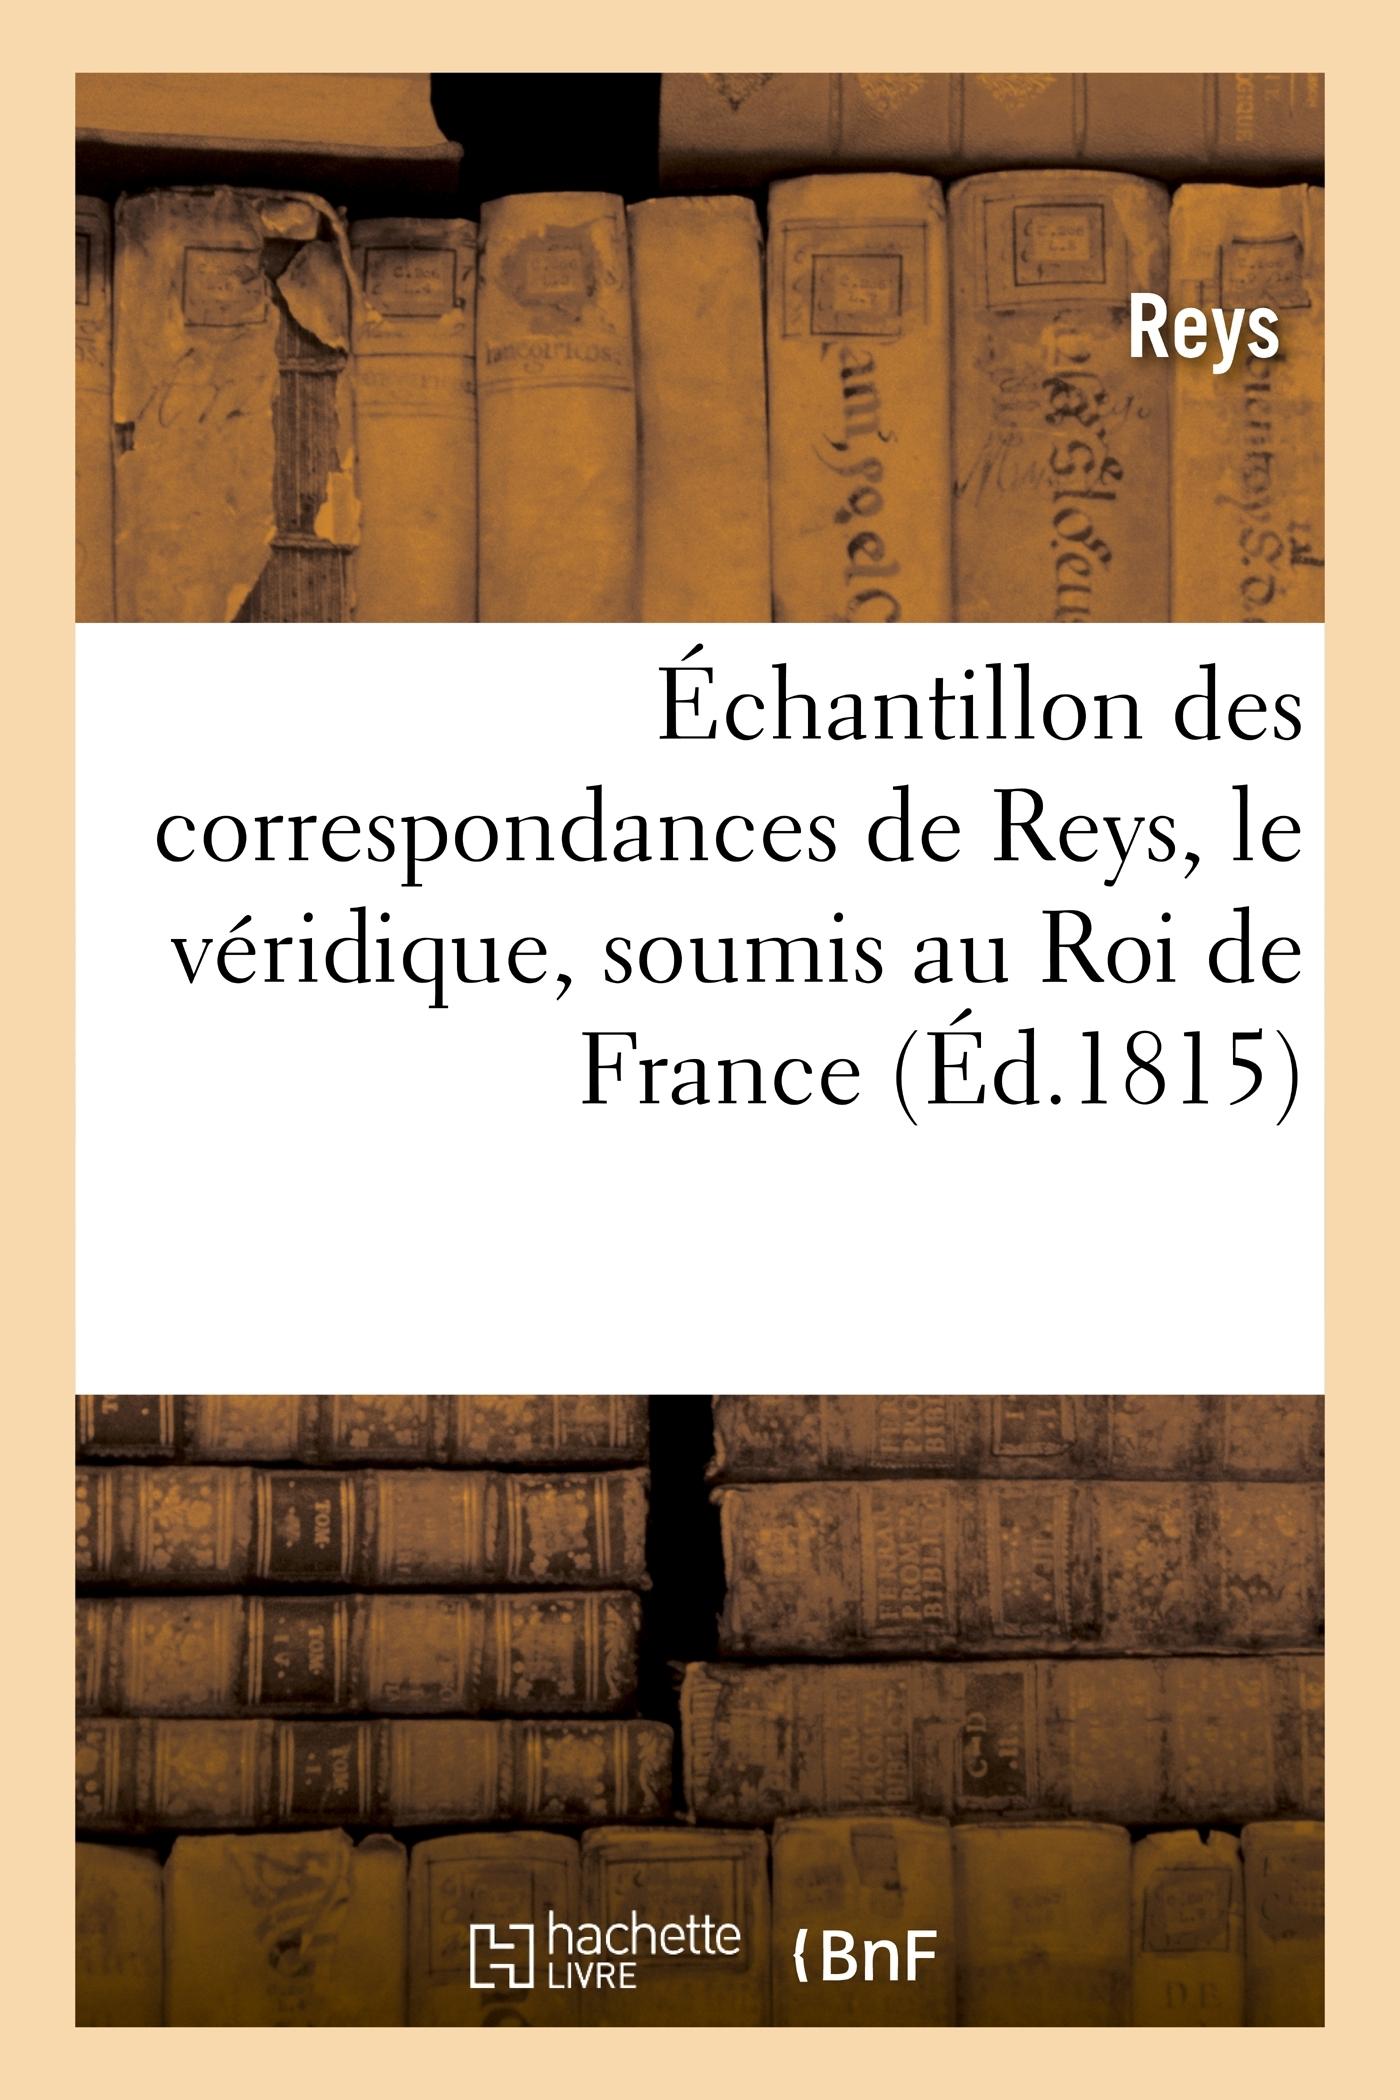 ECHANTILLON DES CORRESPONDANCES DE REYS, LE VERIDIQUE, SOUMIS AU ROI DE FRANCE